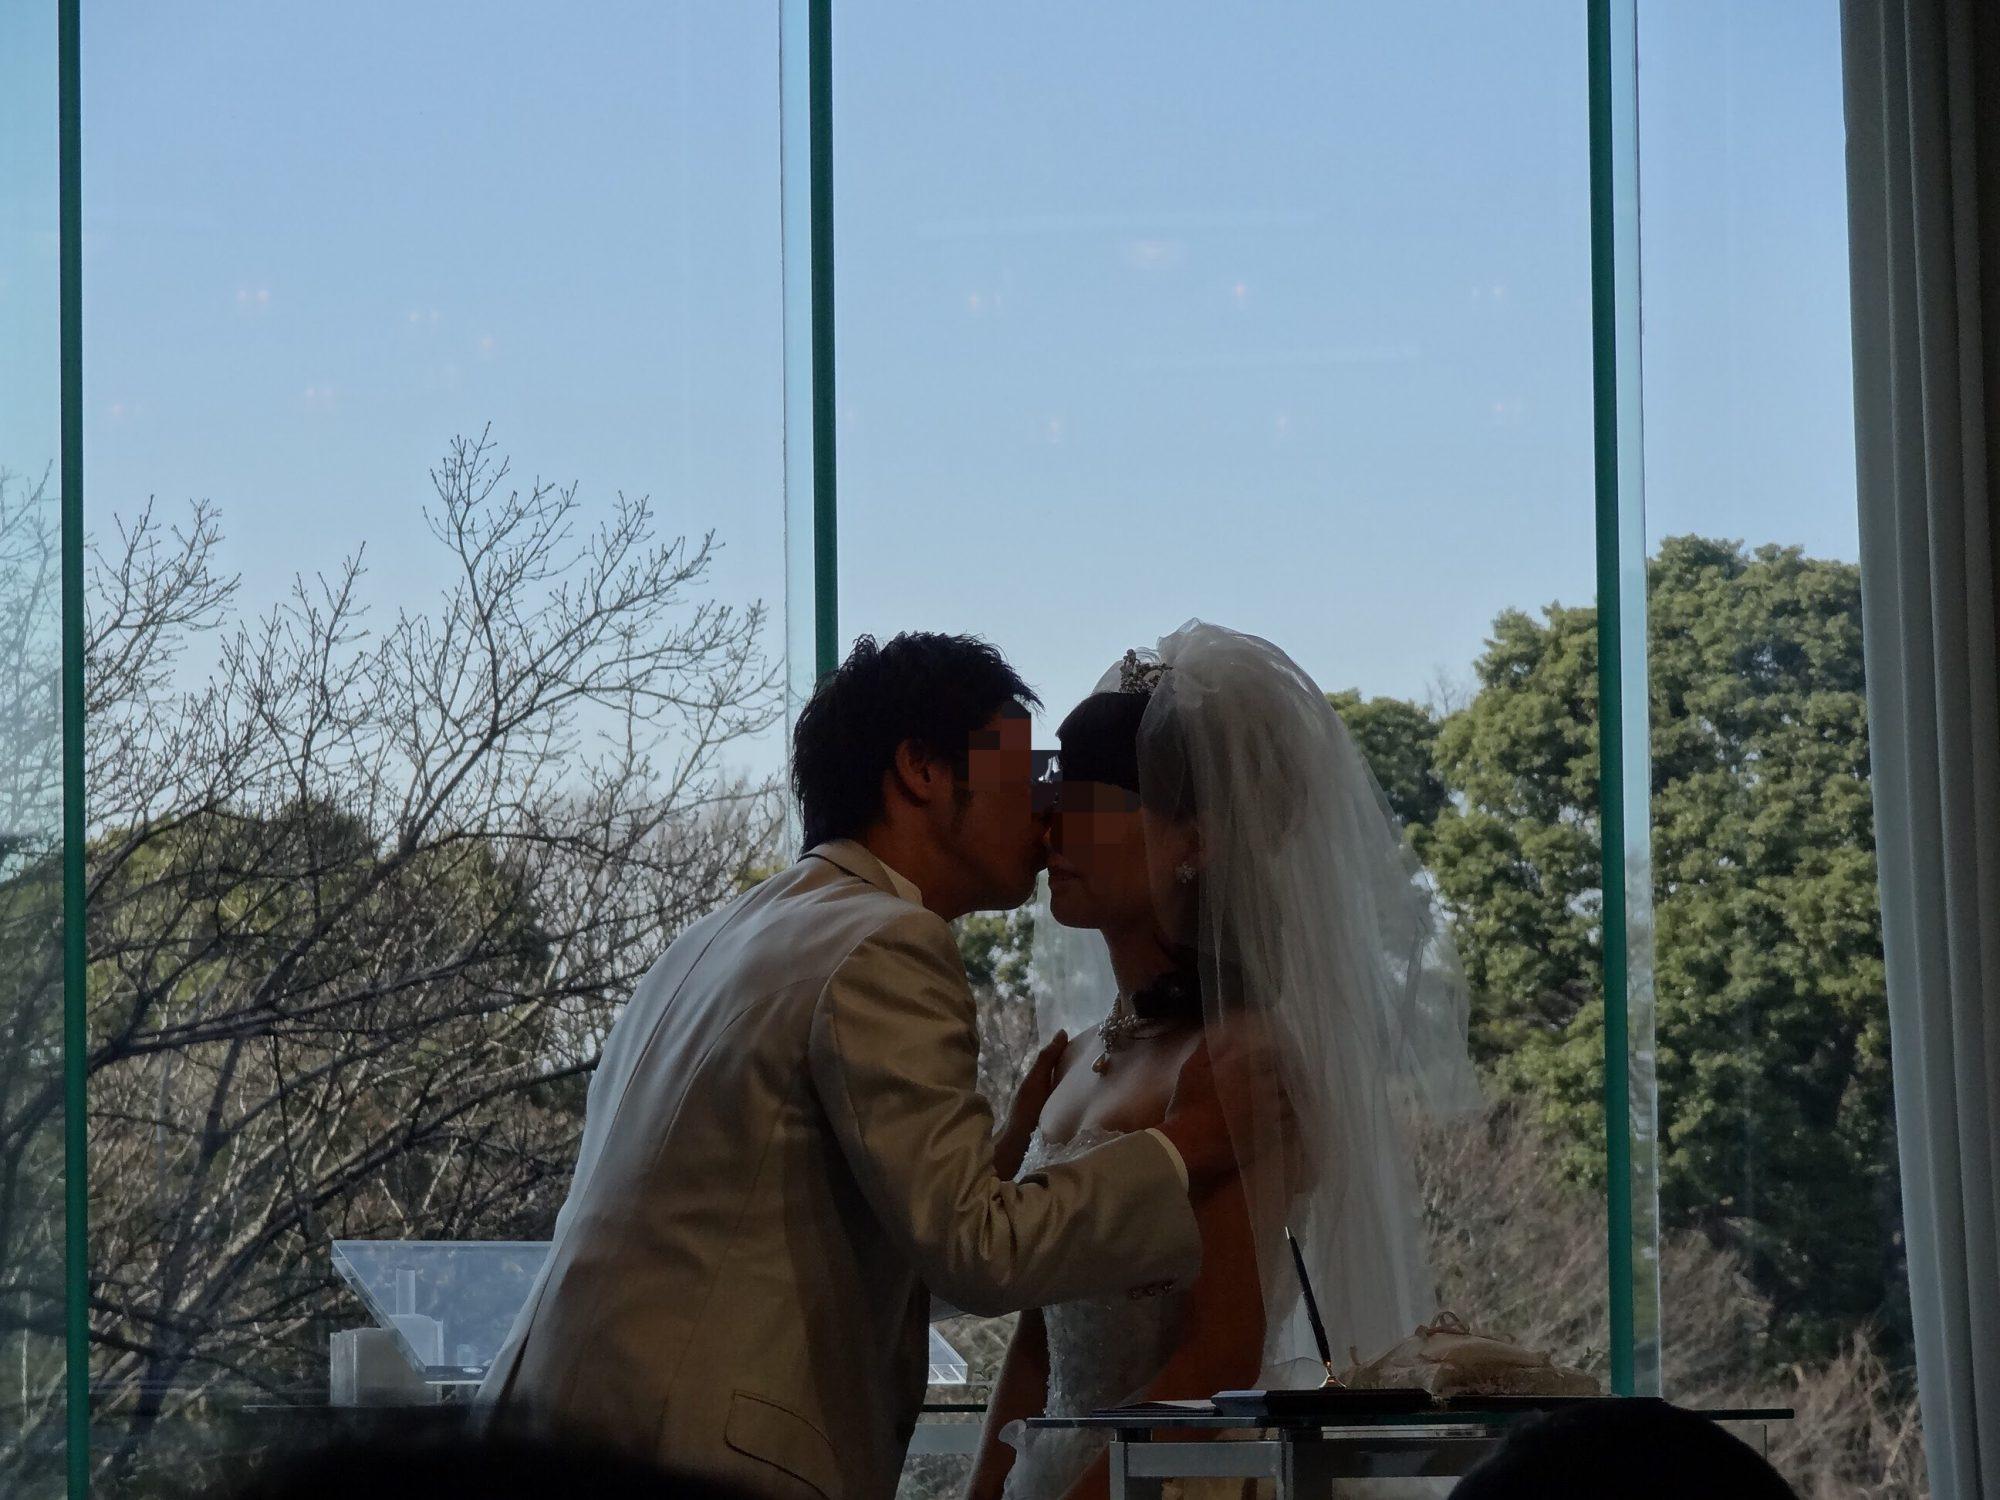 婚活してる人必見!成功者が語る結婚してよかったこと